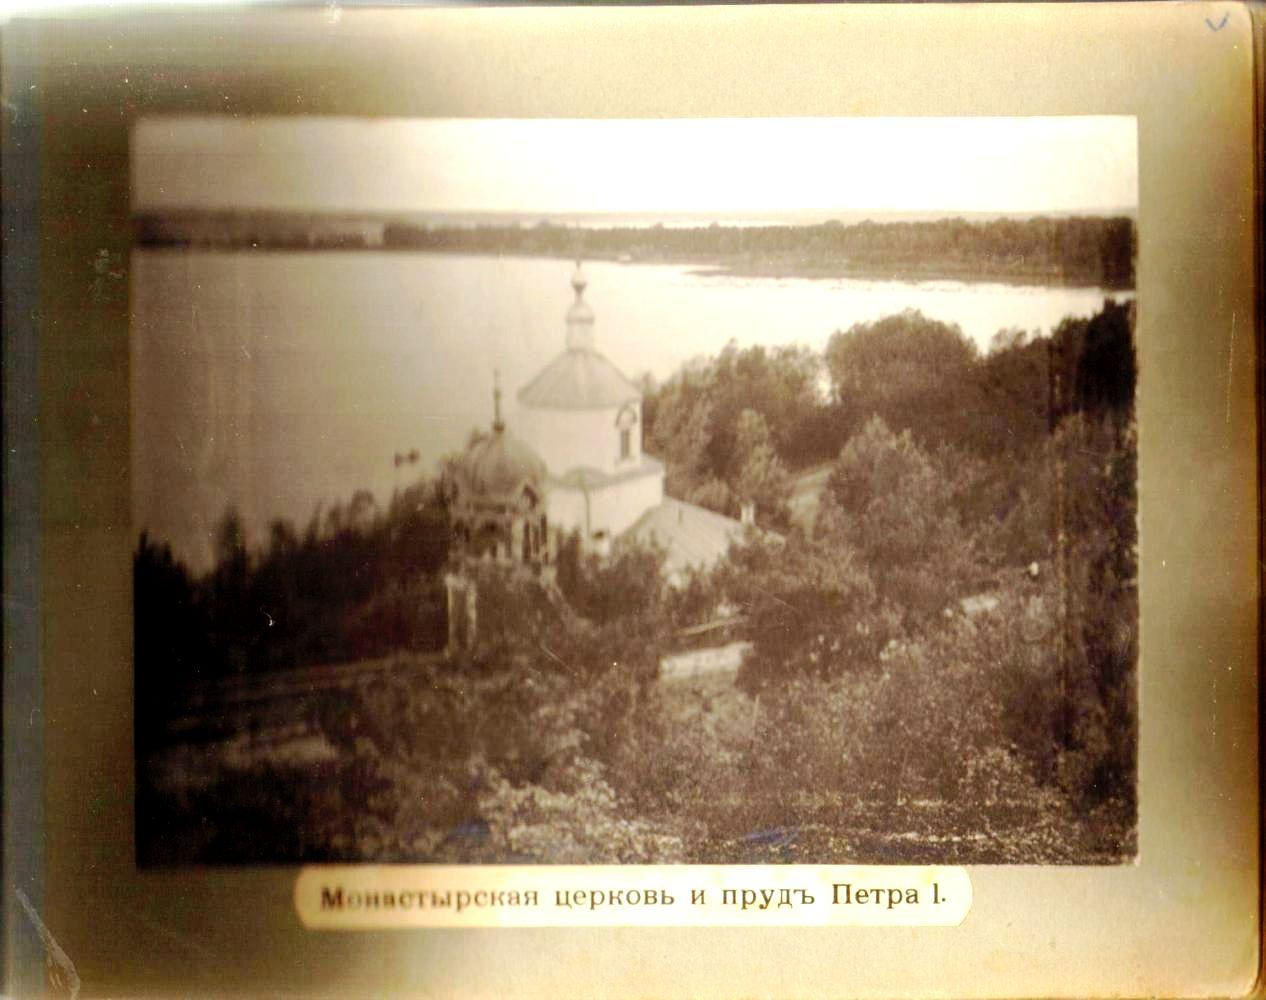 09. Монастырская церковь и пруд Петра I